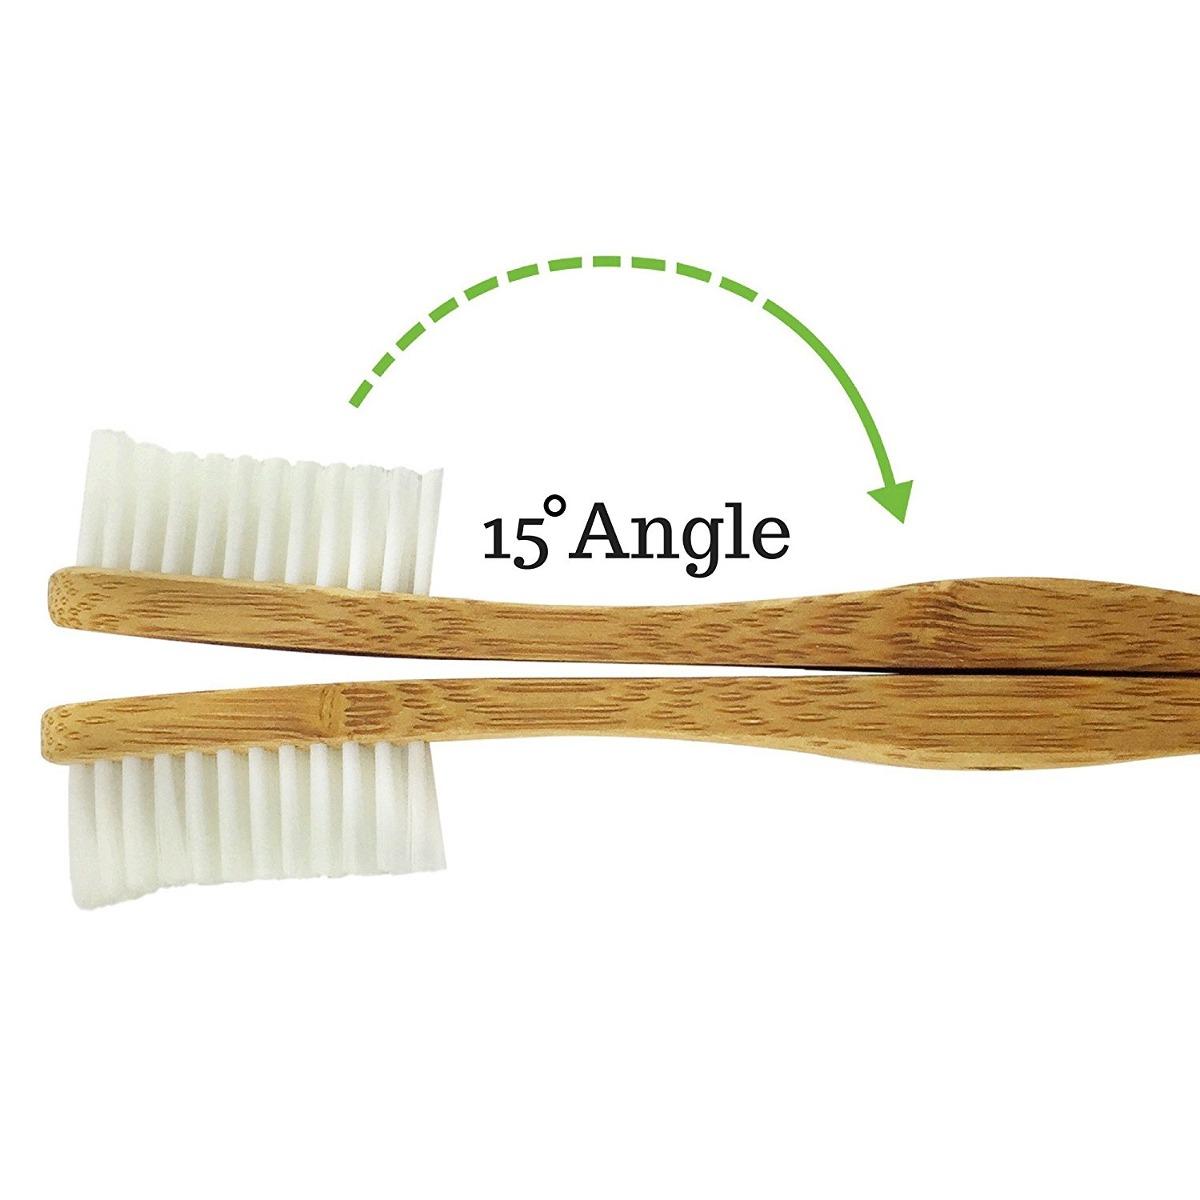 Resultado de imagen para cepillos de dientes de sierra en ángulo